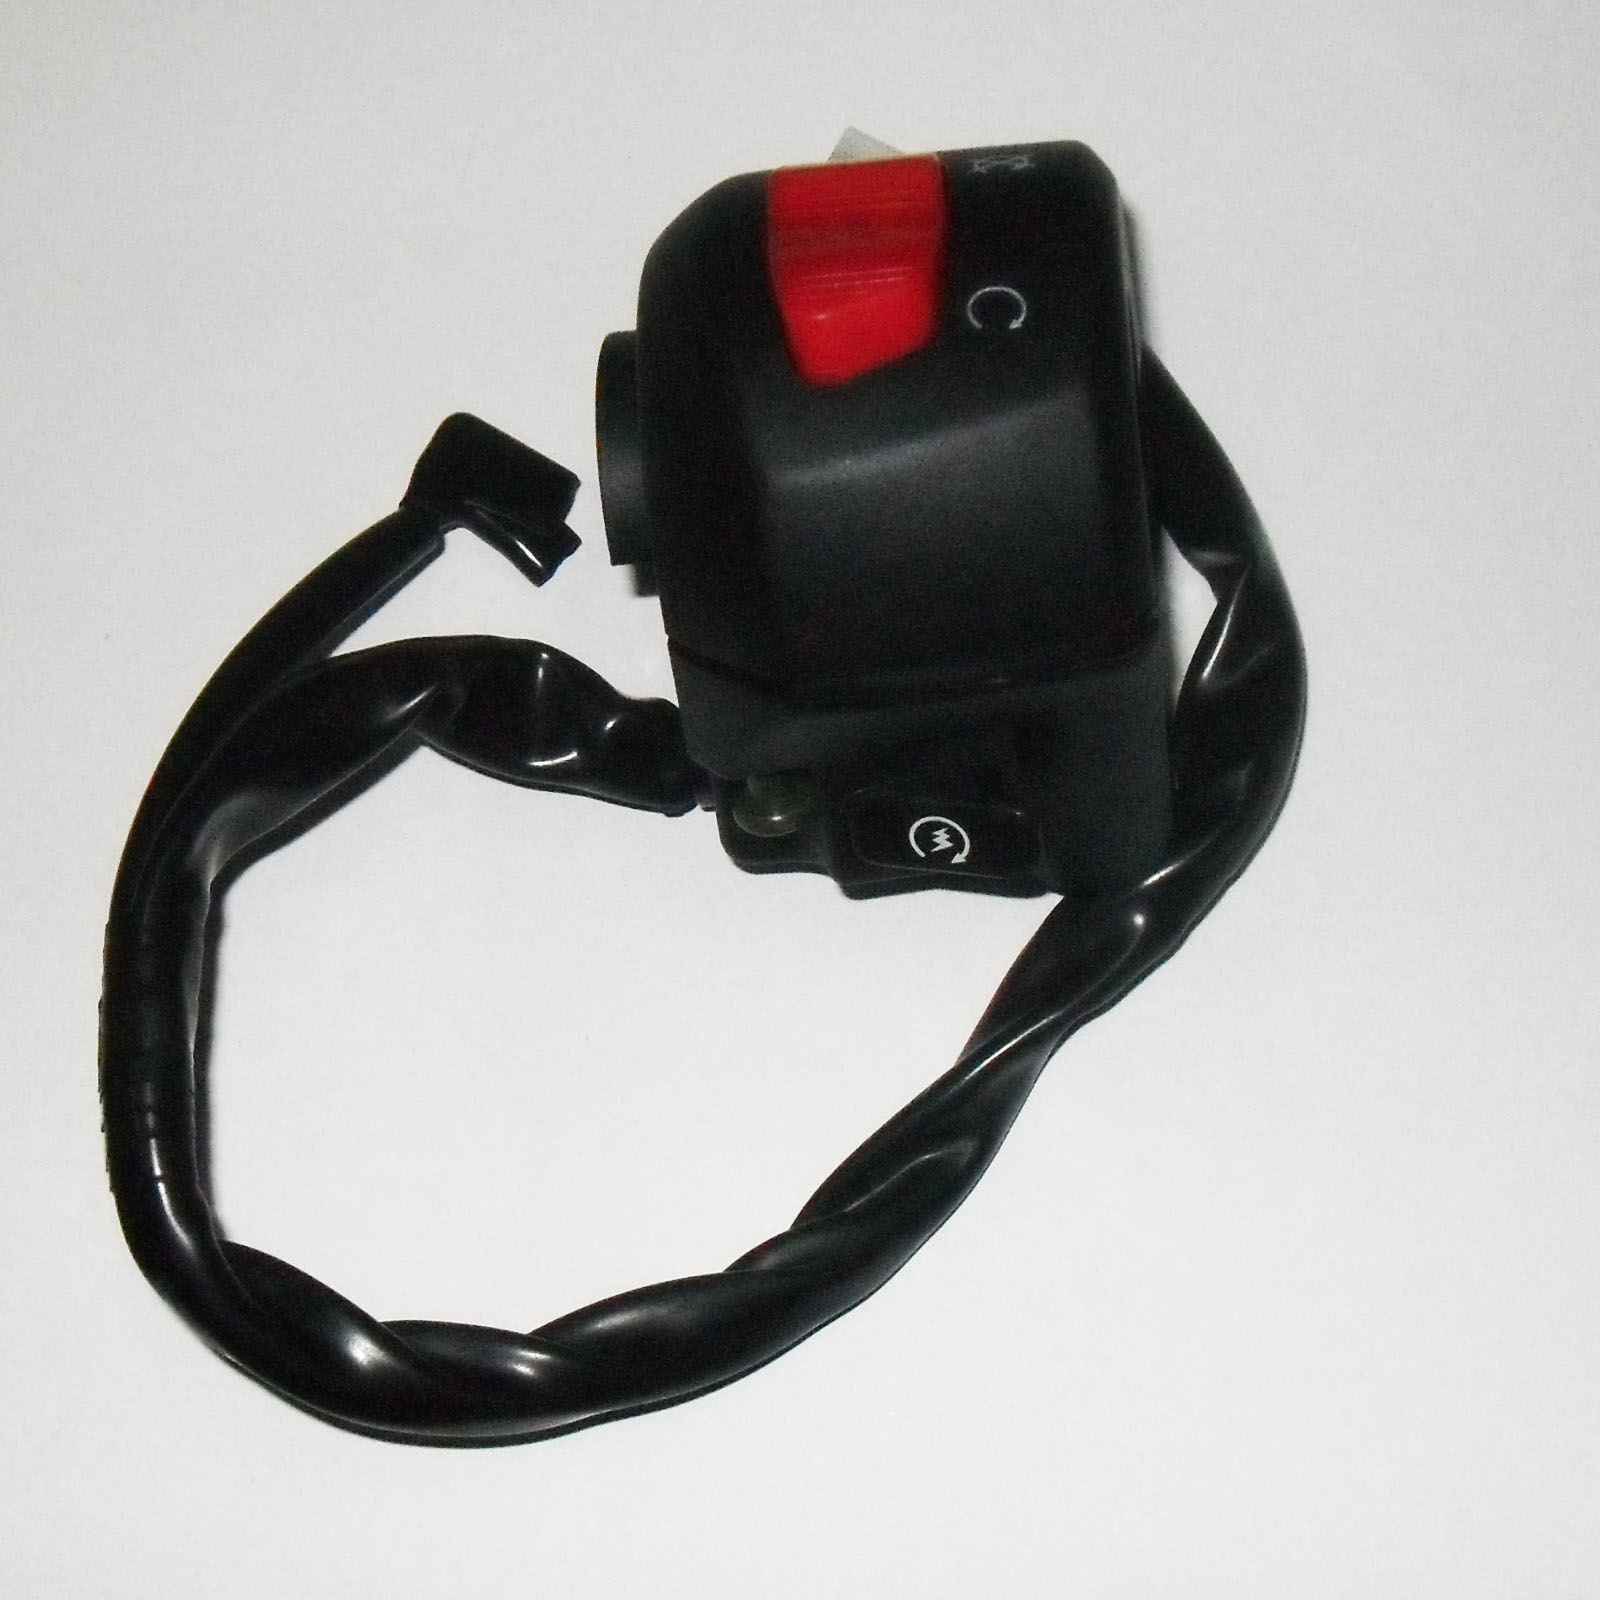 Interruptor de Partida / EMERG Yamaha Fazer 250 2011 (magnetron)